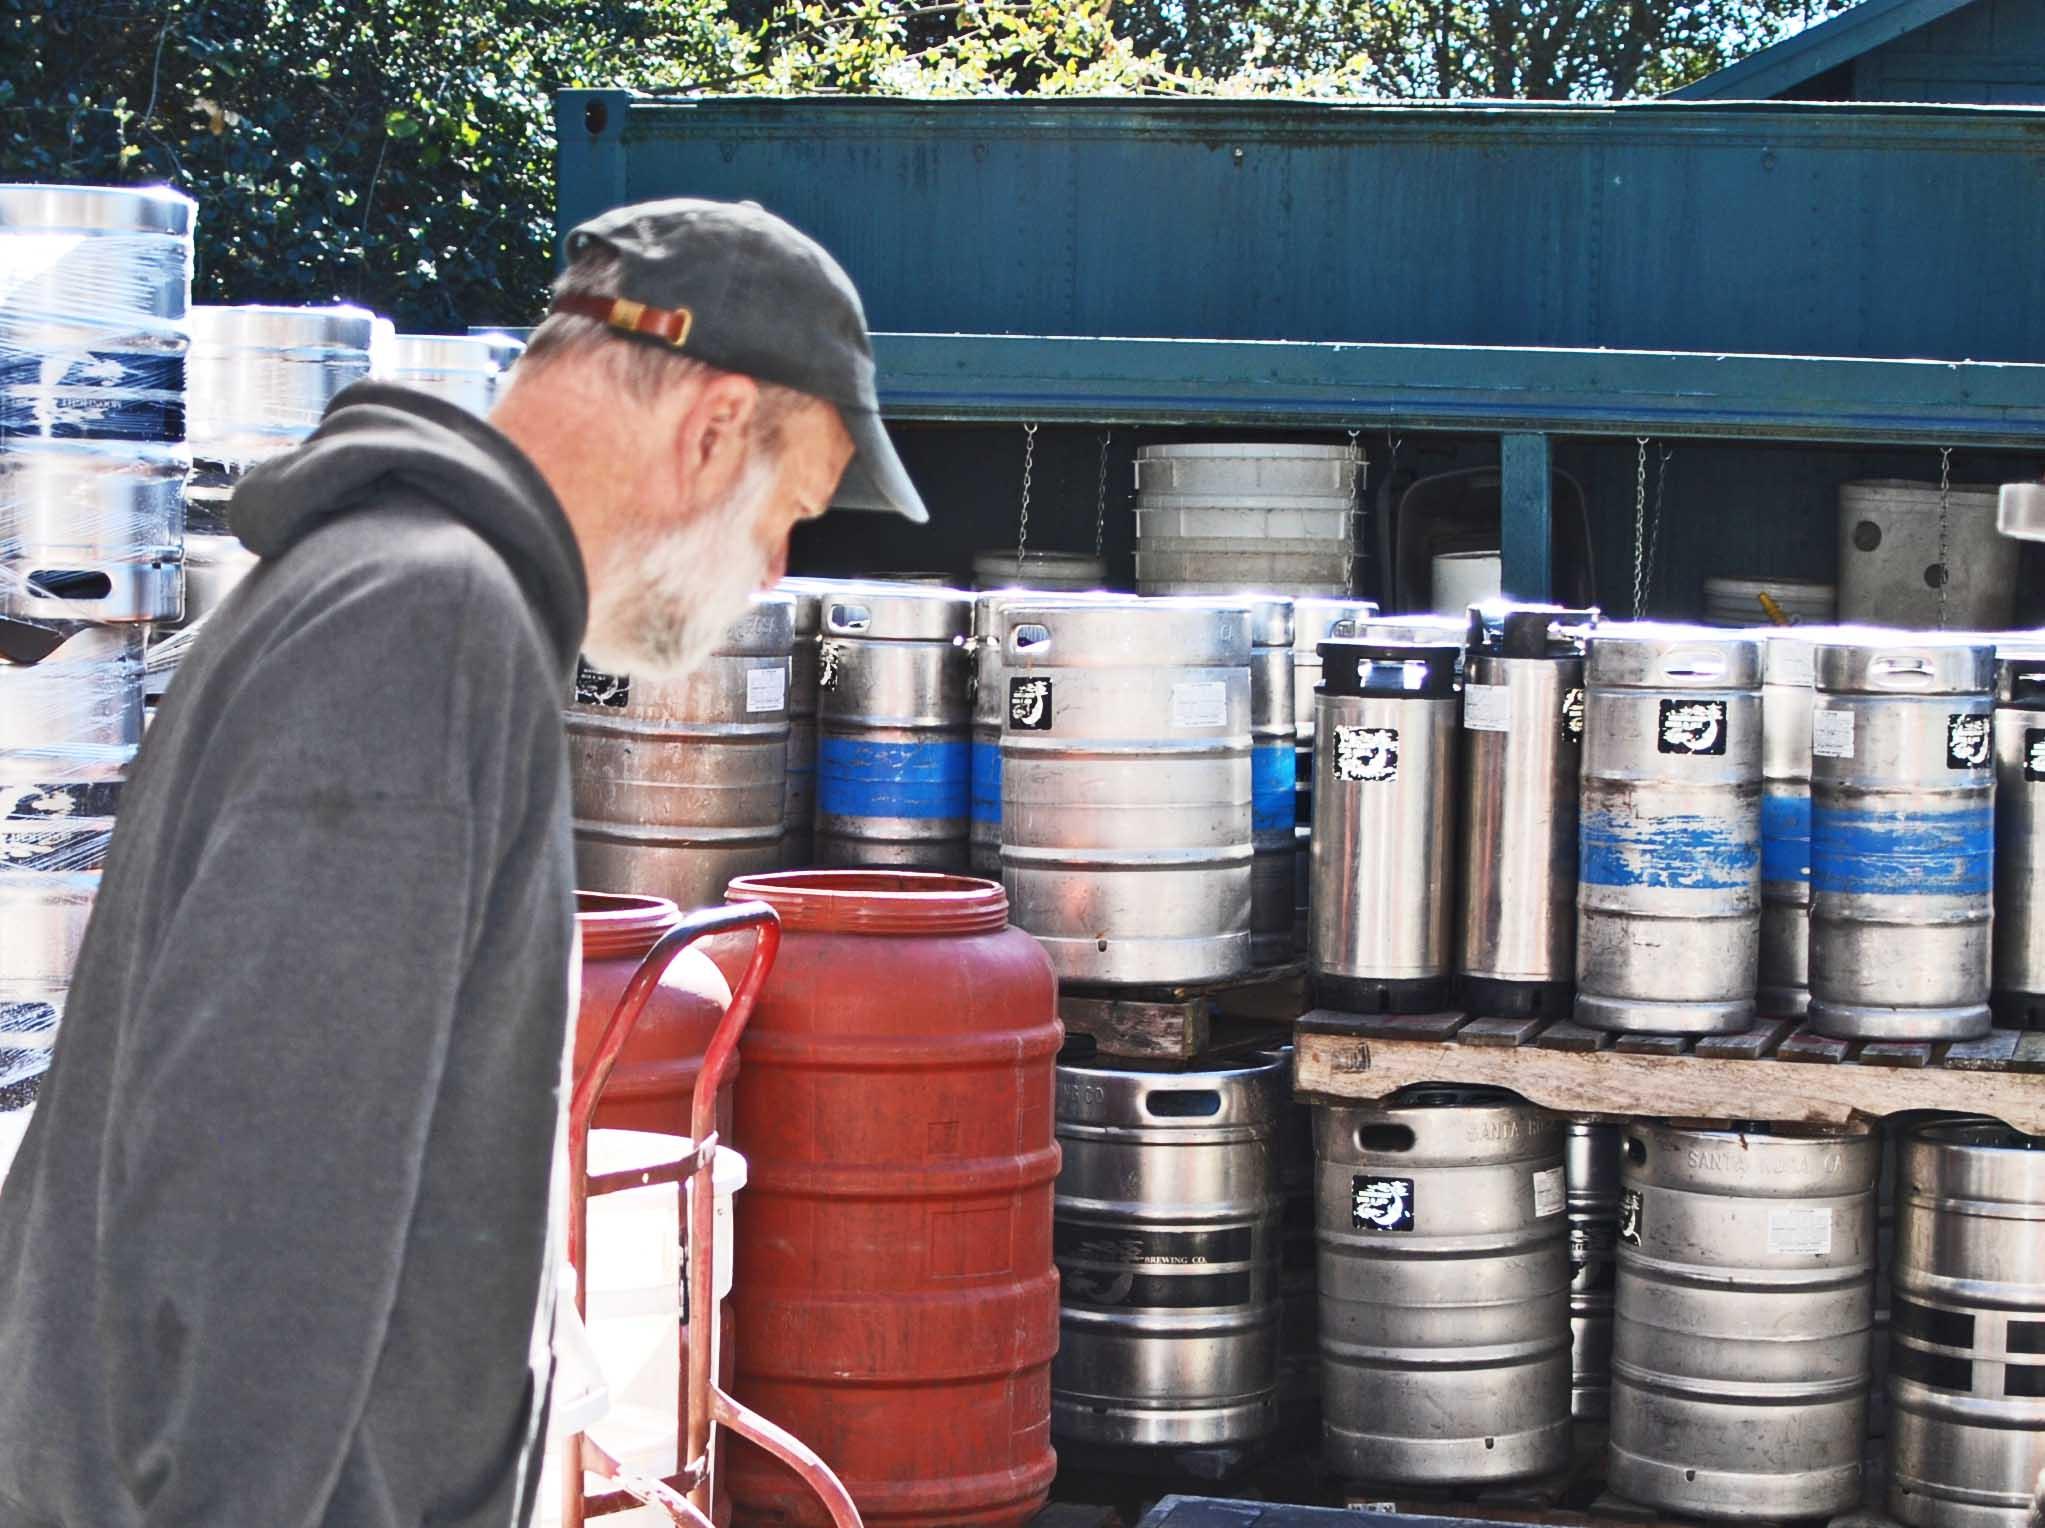 121. Moonlight Brewing, Santa Rose, Ca 2012